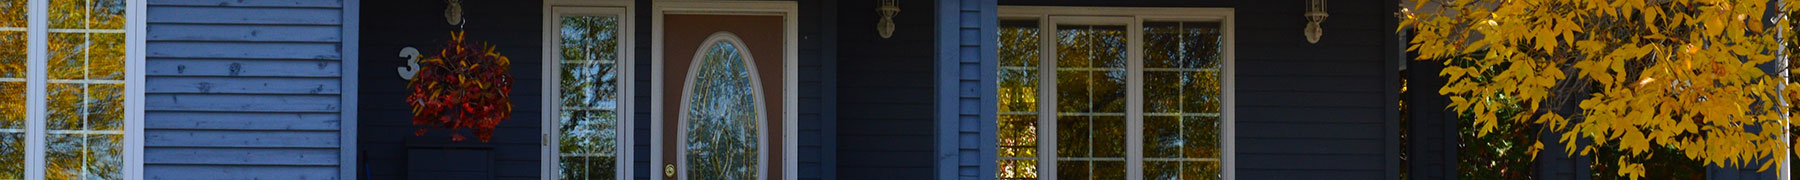 Fall Home Exterior